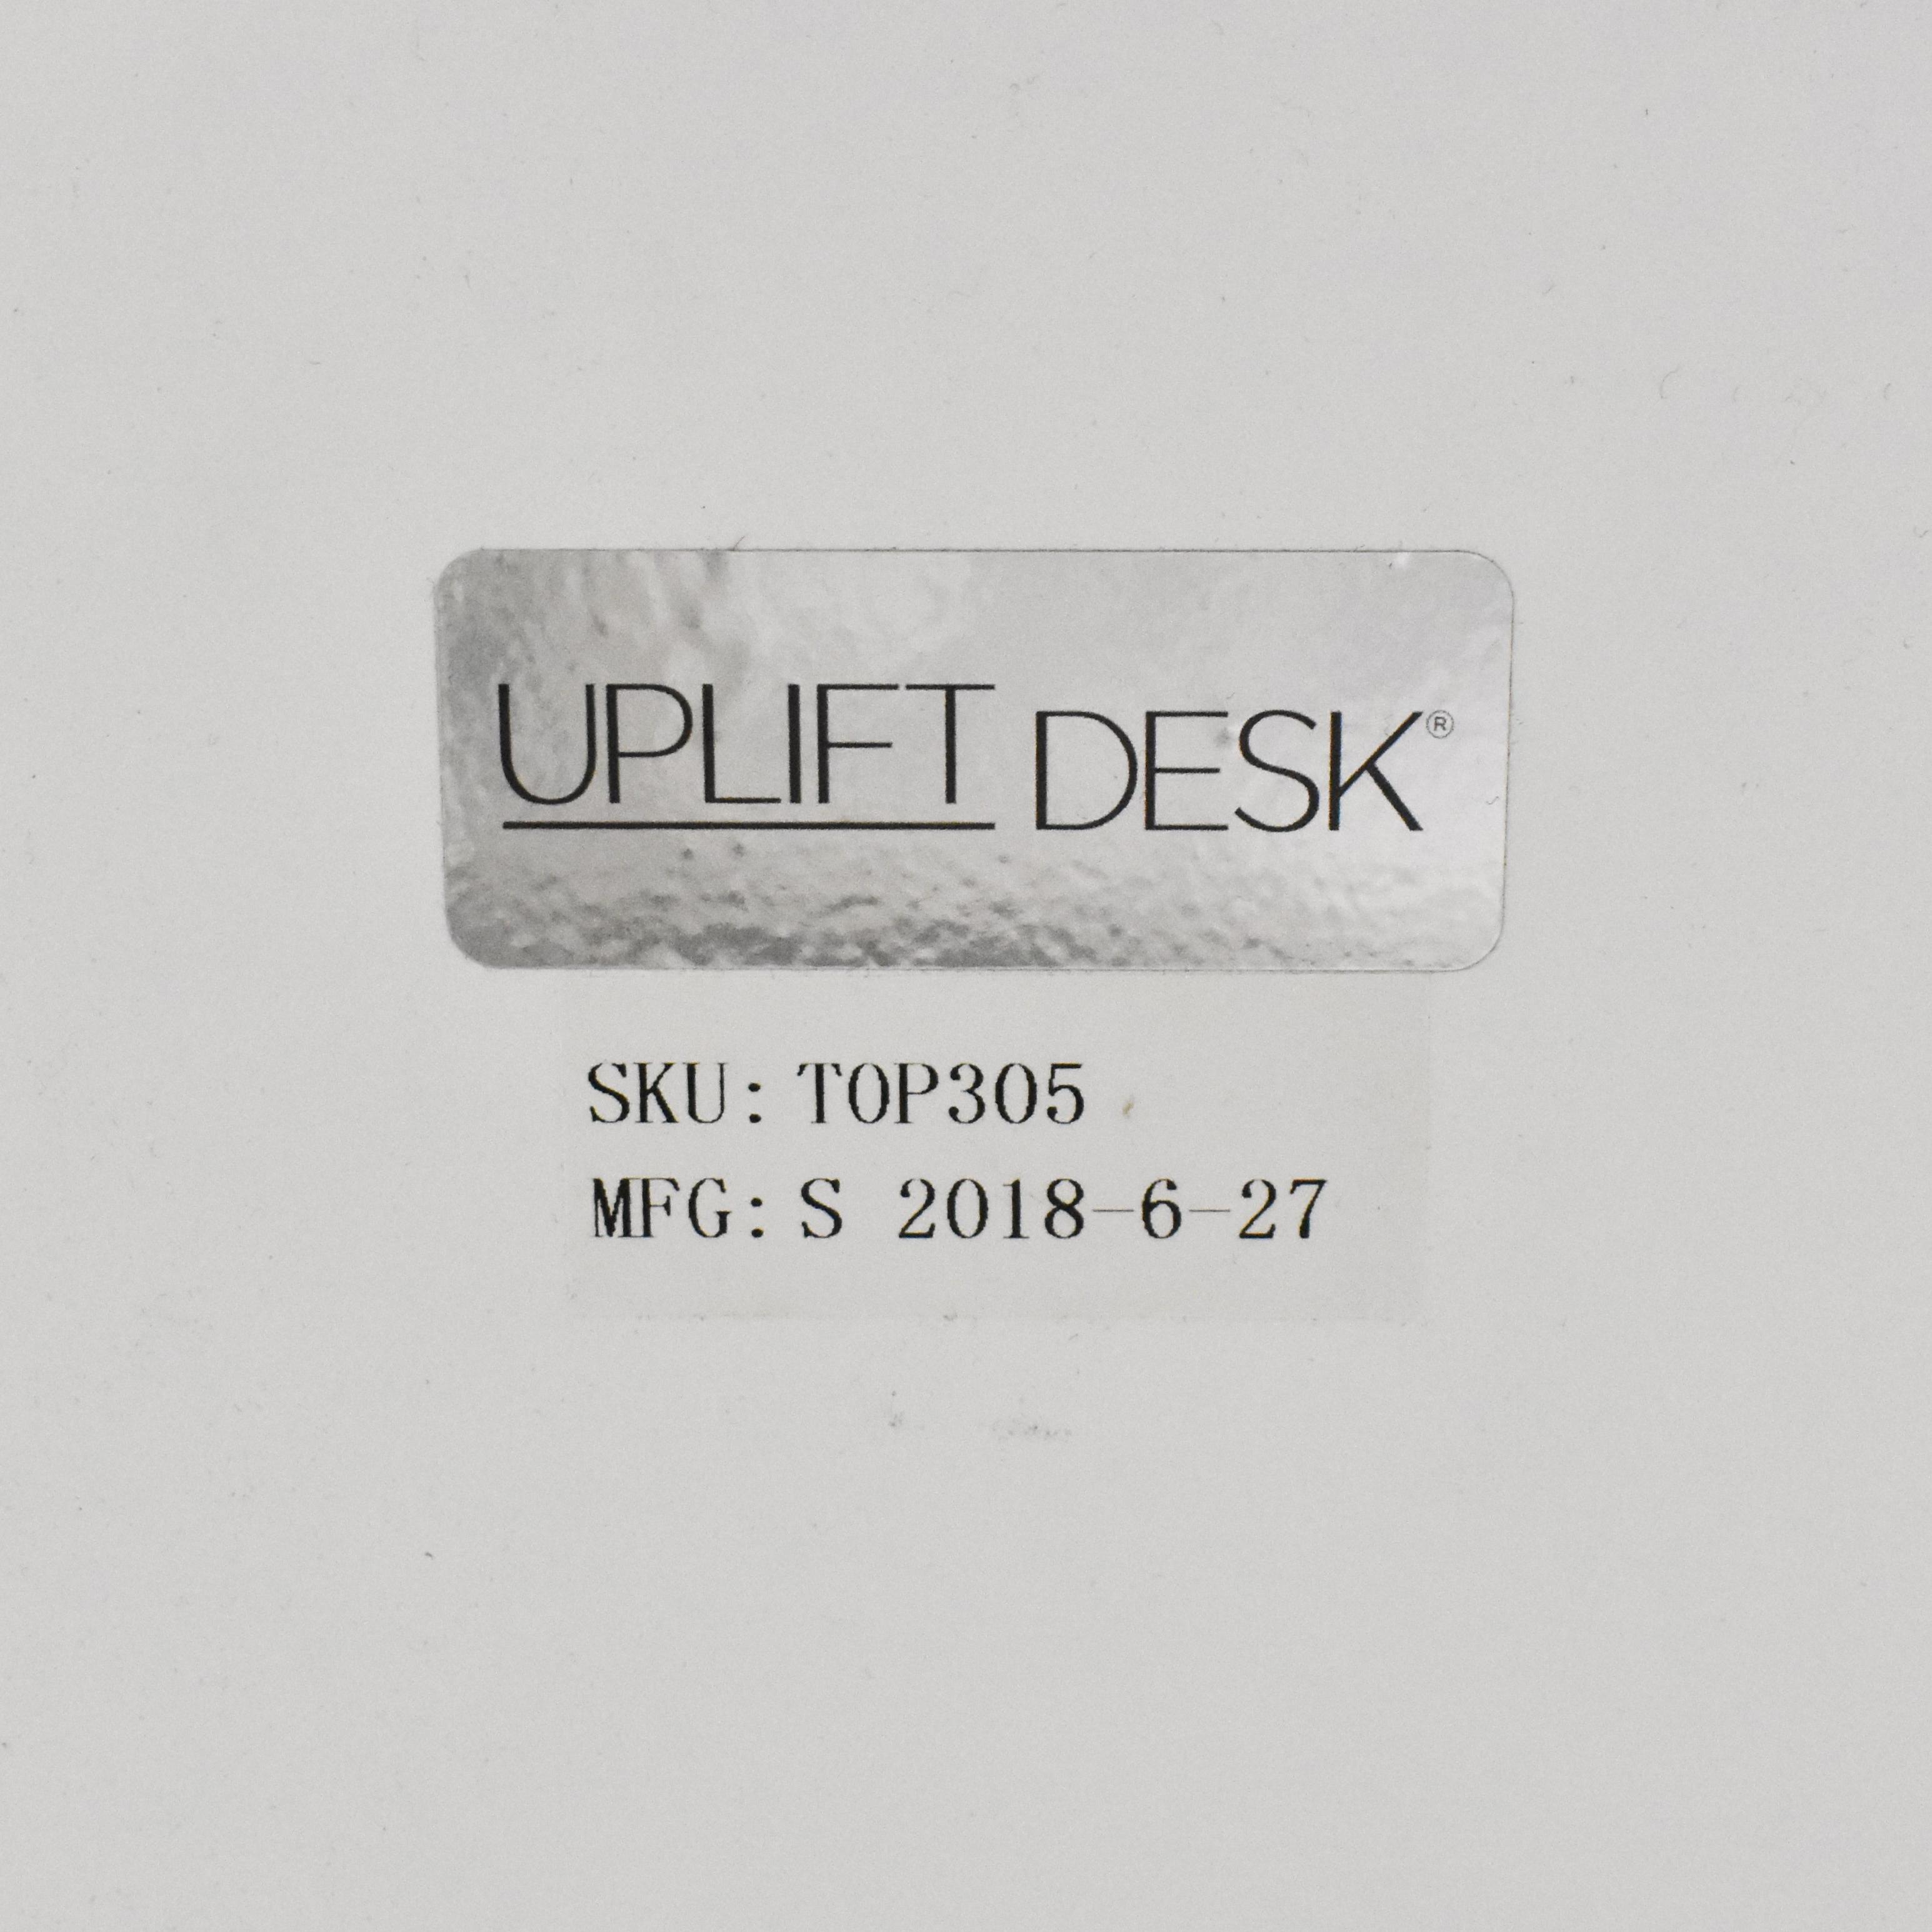 shop UPLIFT UPLIFT Adjustable Standing Desk online